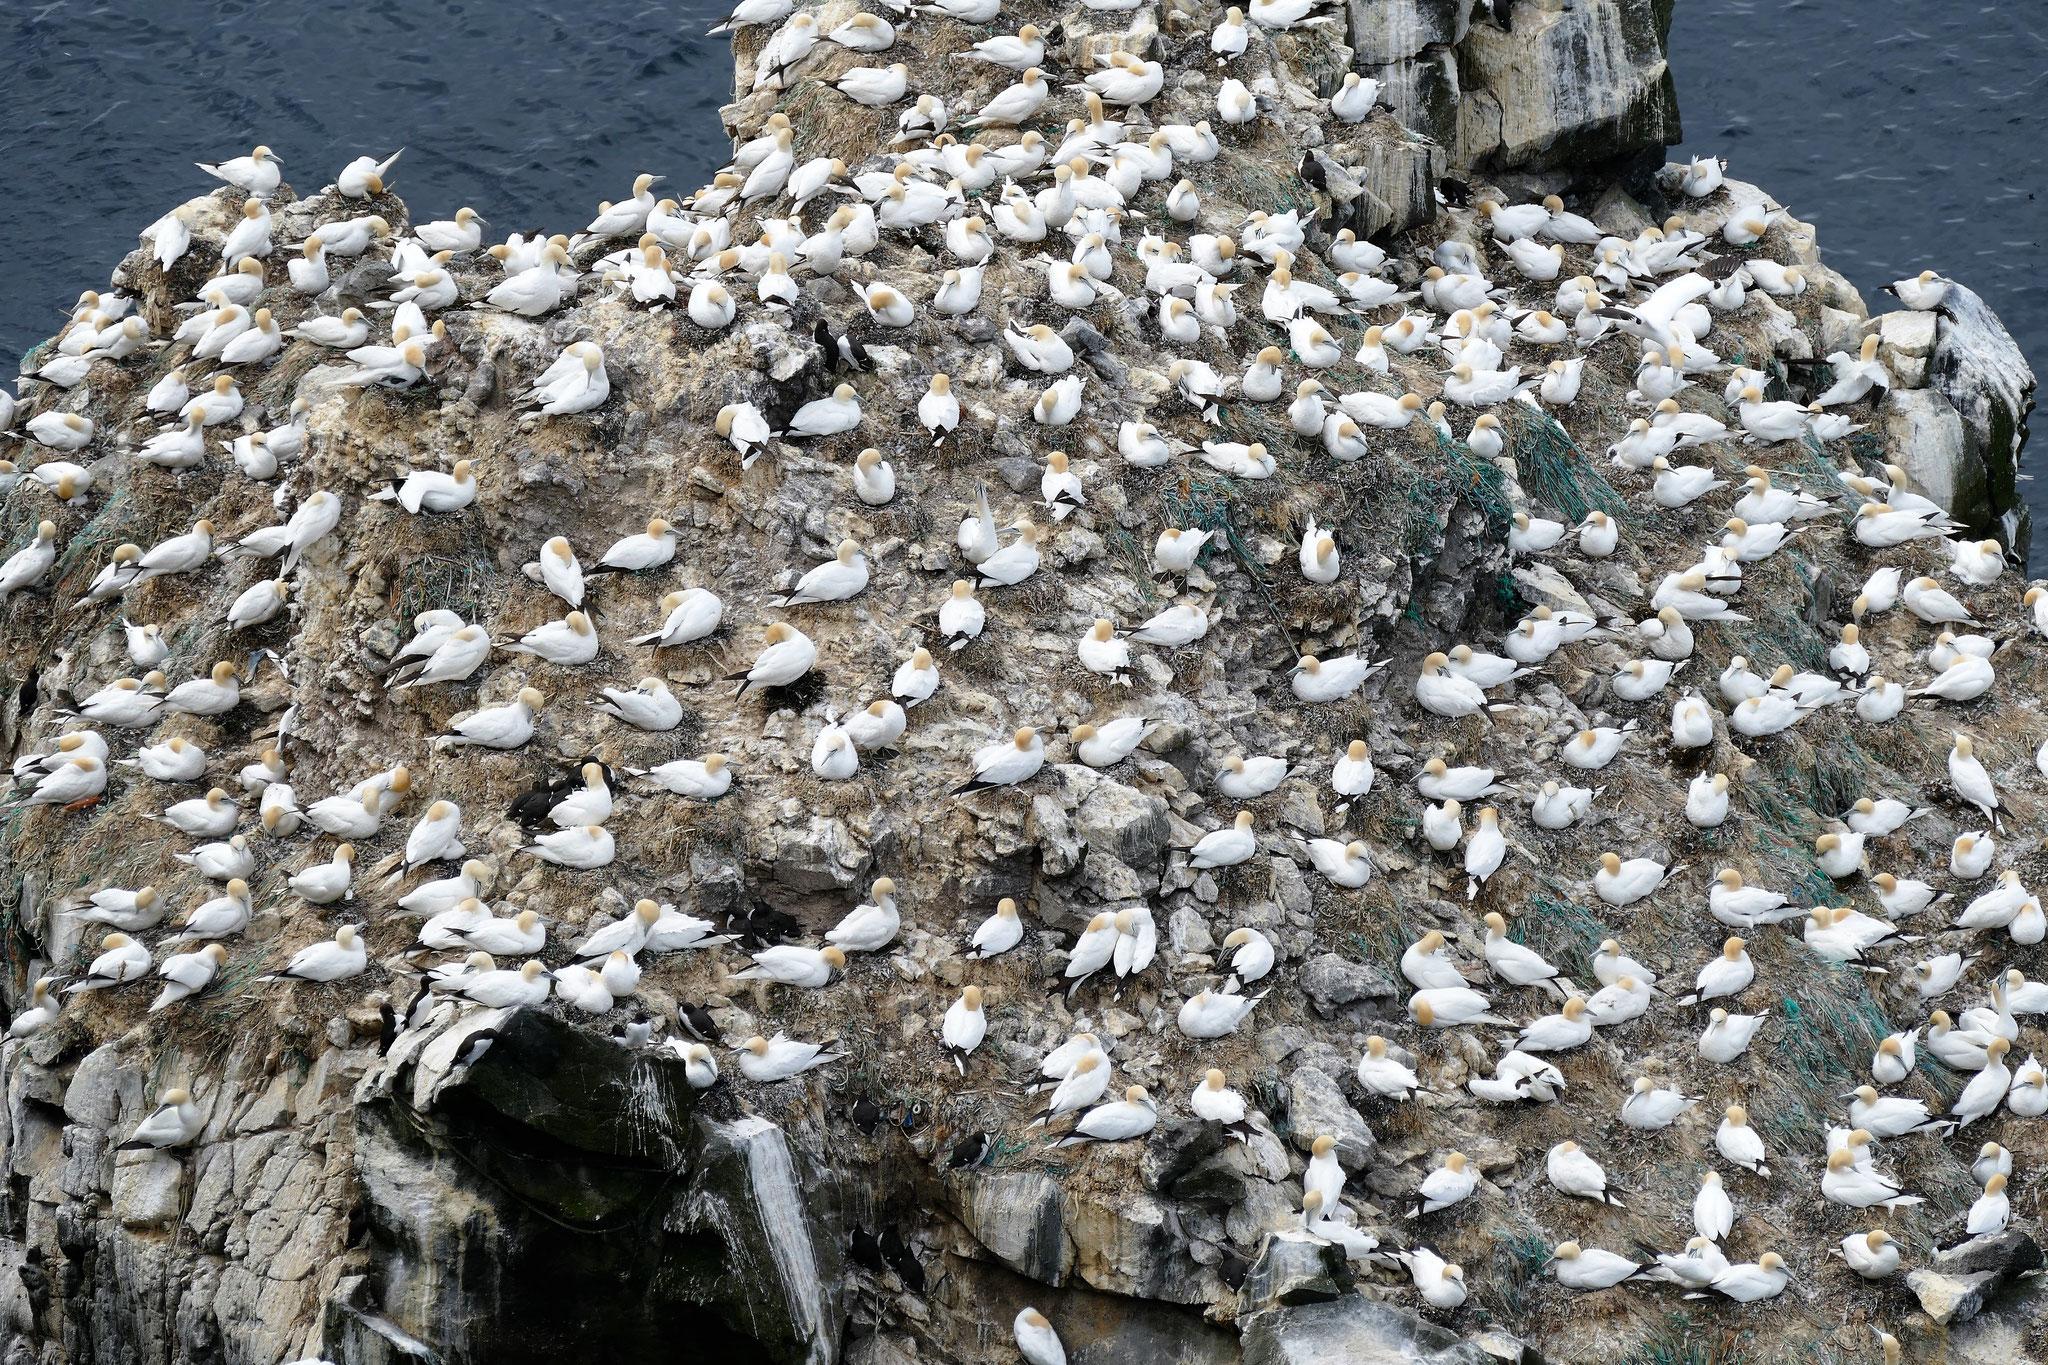 Tausende von Möwen auf einem Felsen auf der Halbinsel Langanes